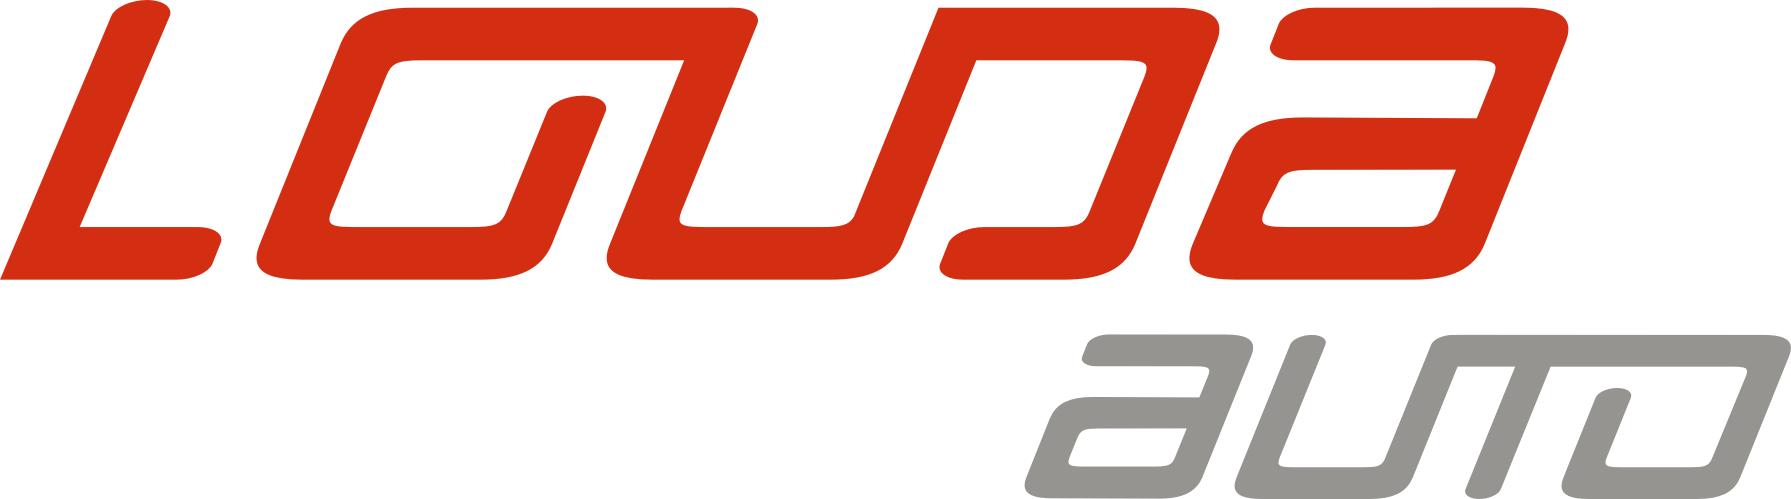 Výsledek obrázku pro louda auto logo